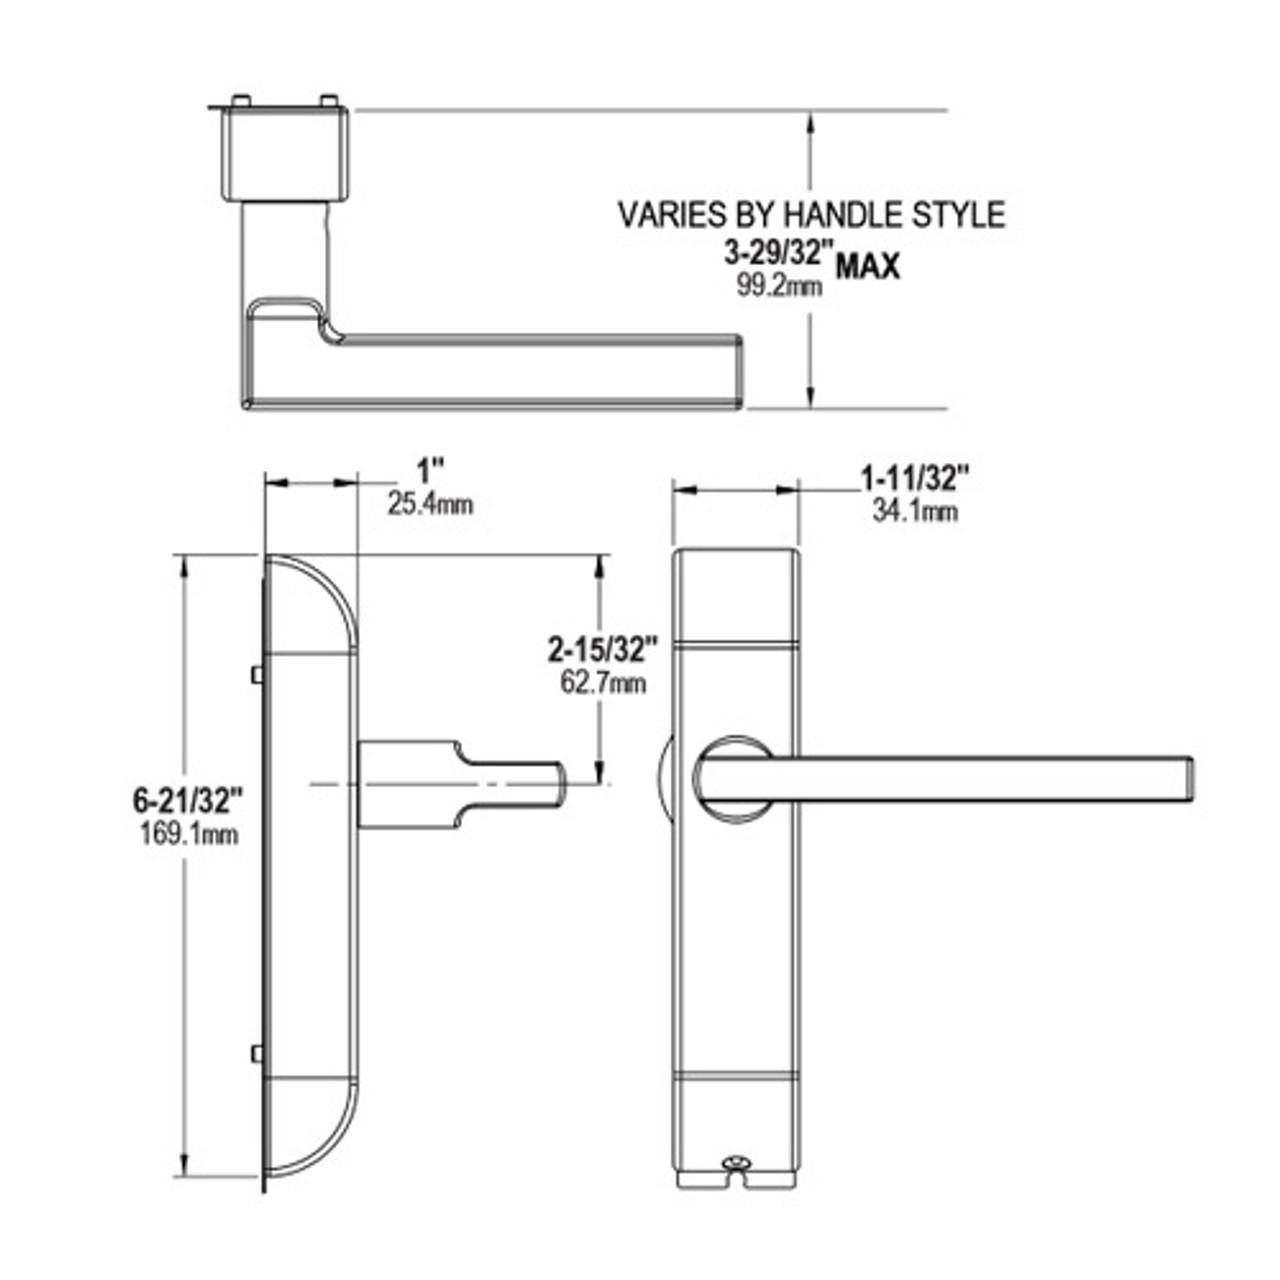 4600-MN-541-US10B Adams Rite MN Designer handle Dimensional View